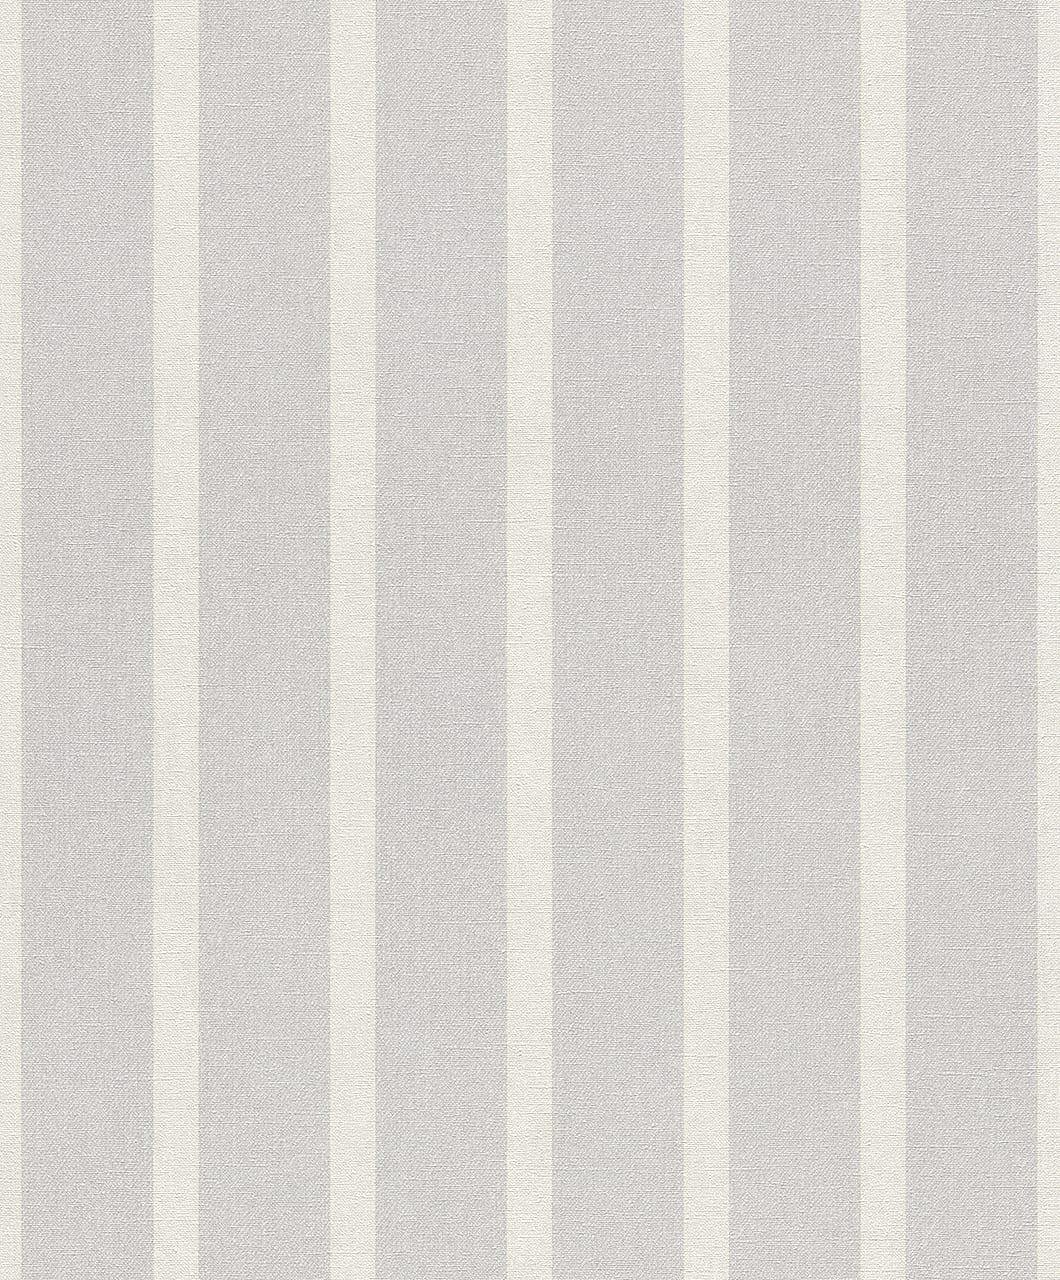 Papel mural líneas 467048 Rasch